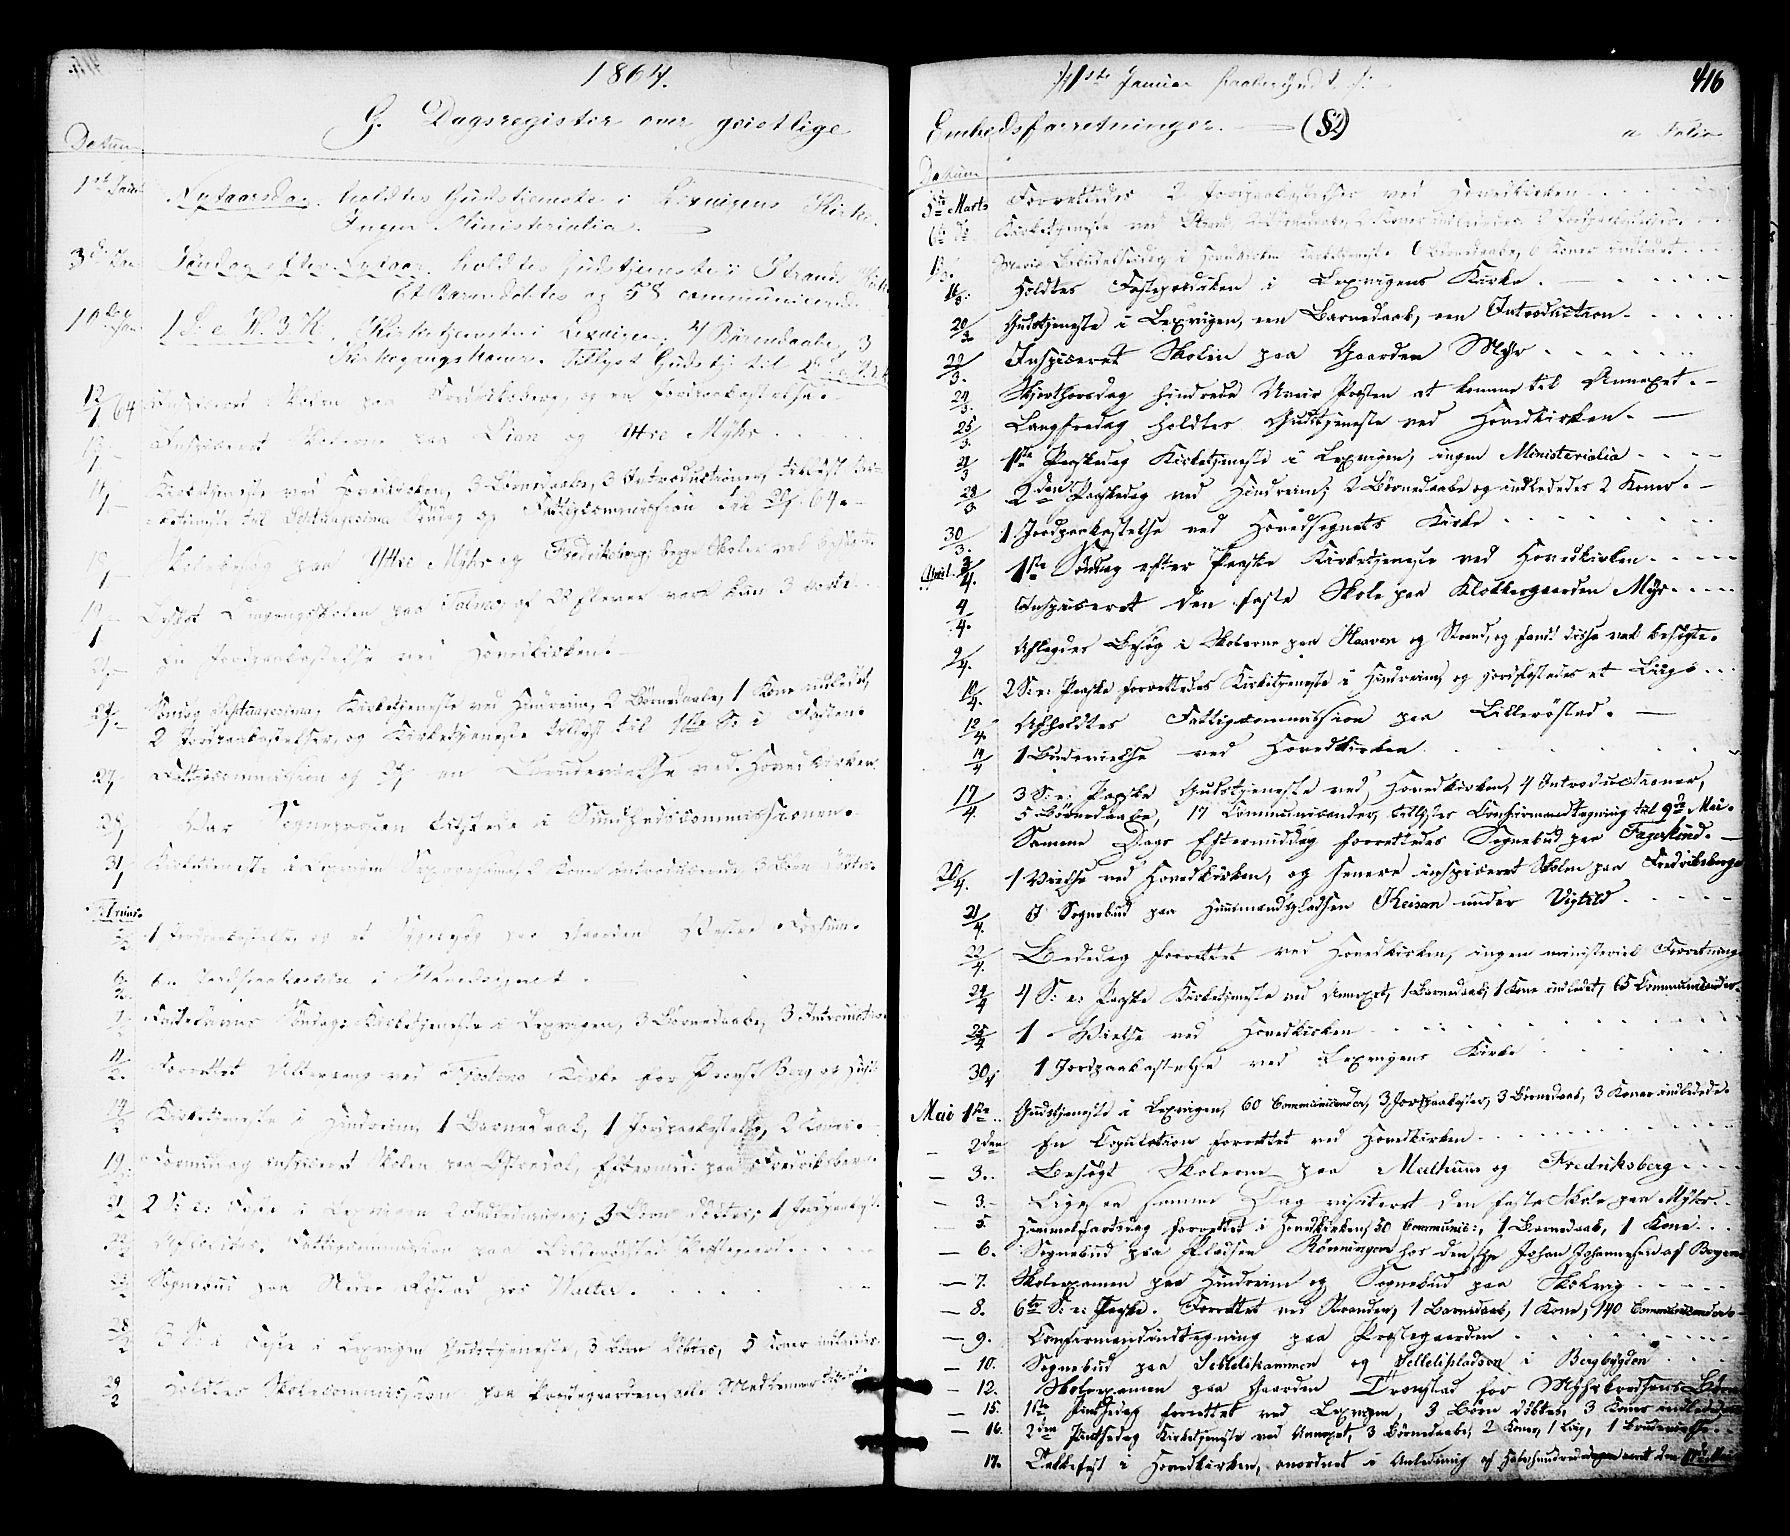 SAT, Ministerialprotokoller, klokkerbøker og fødselsregistre - Nord-Trøndelag, 701/L0009: Ministerialbok nr. 701A09 /1, 1864-1882, s. 416